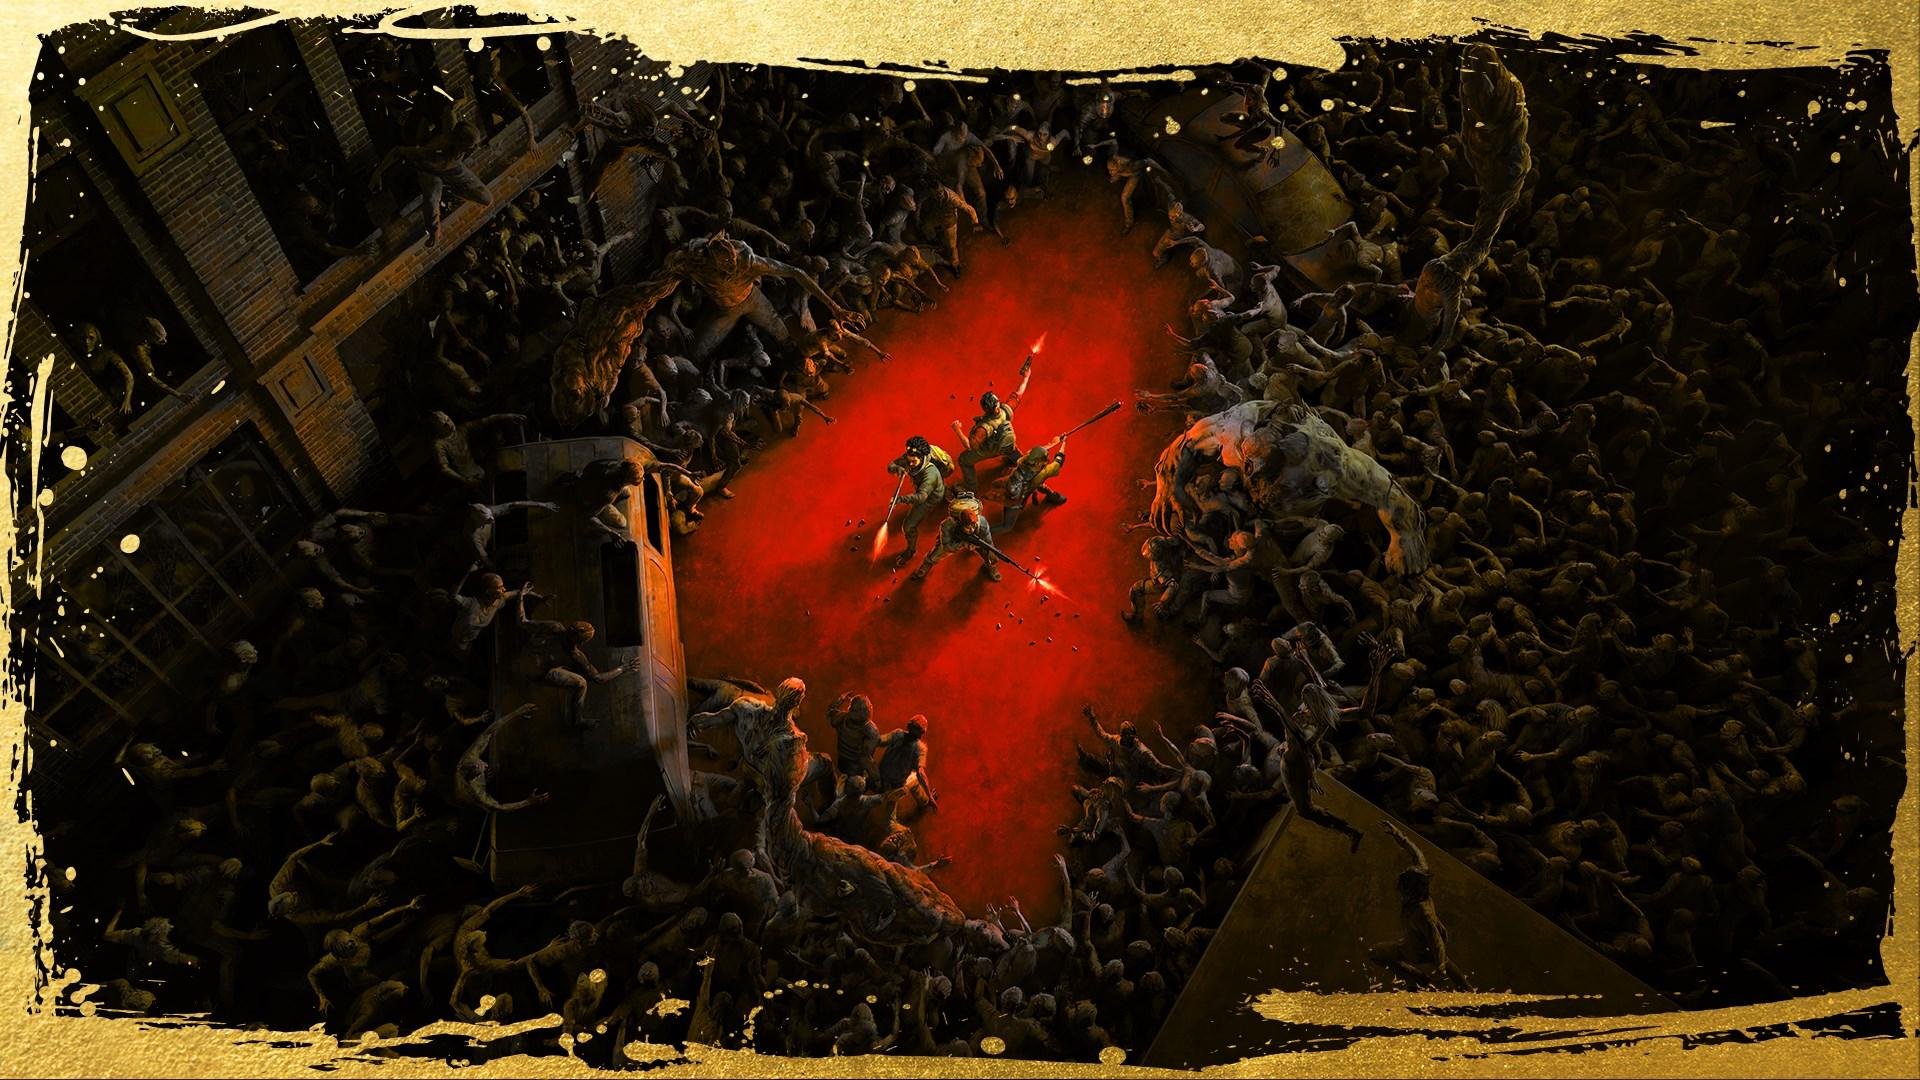 Back 4 Blood Çıkış Tarihi Belirlendi, Game Pass'e İlk Gününde Gelecek